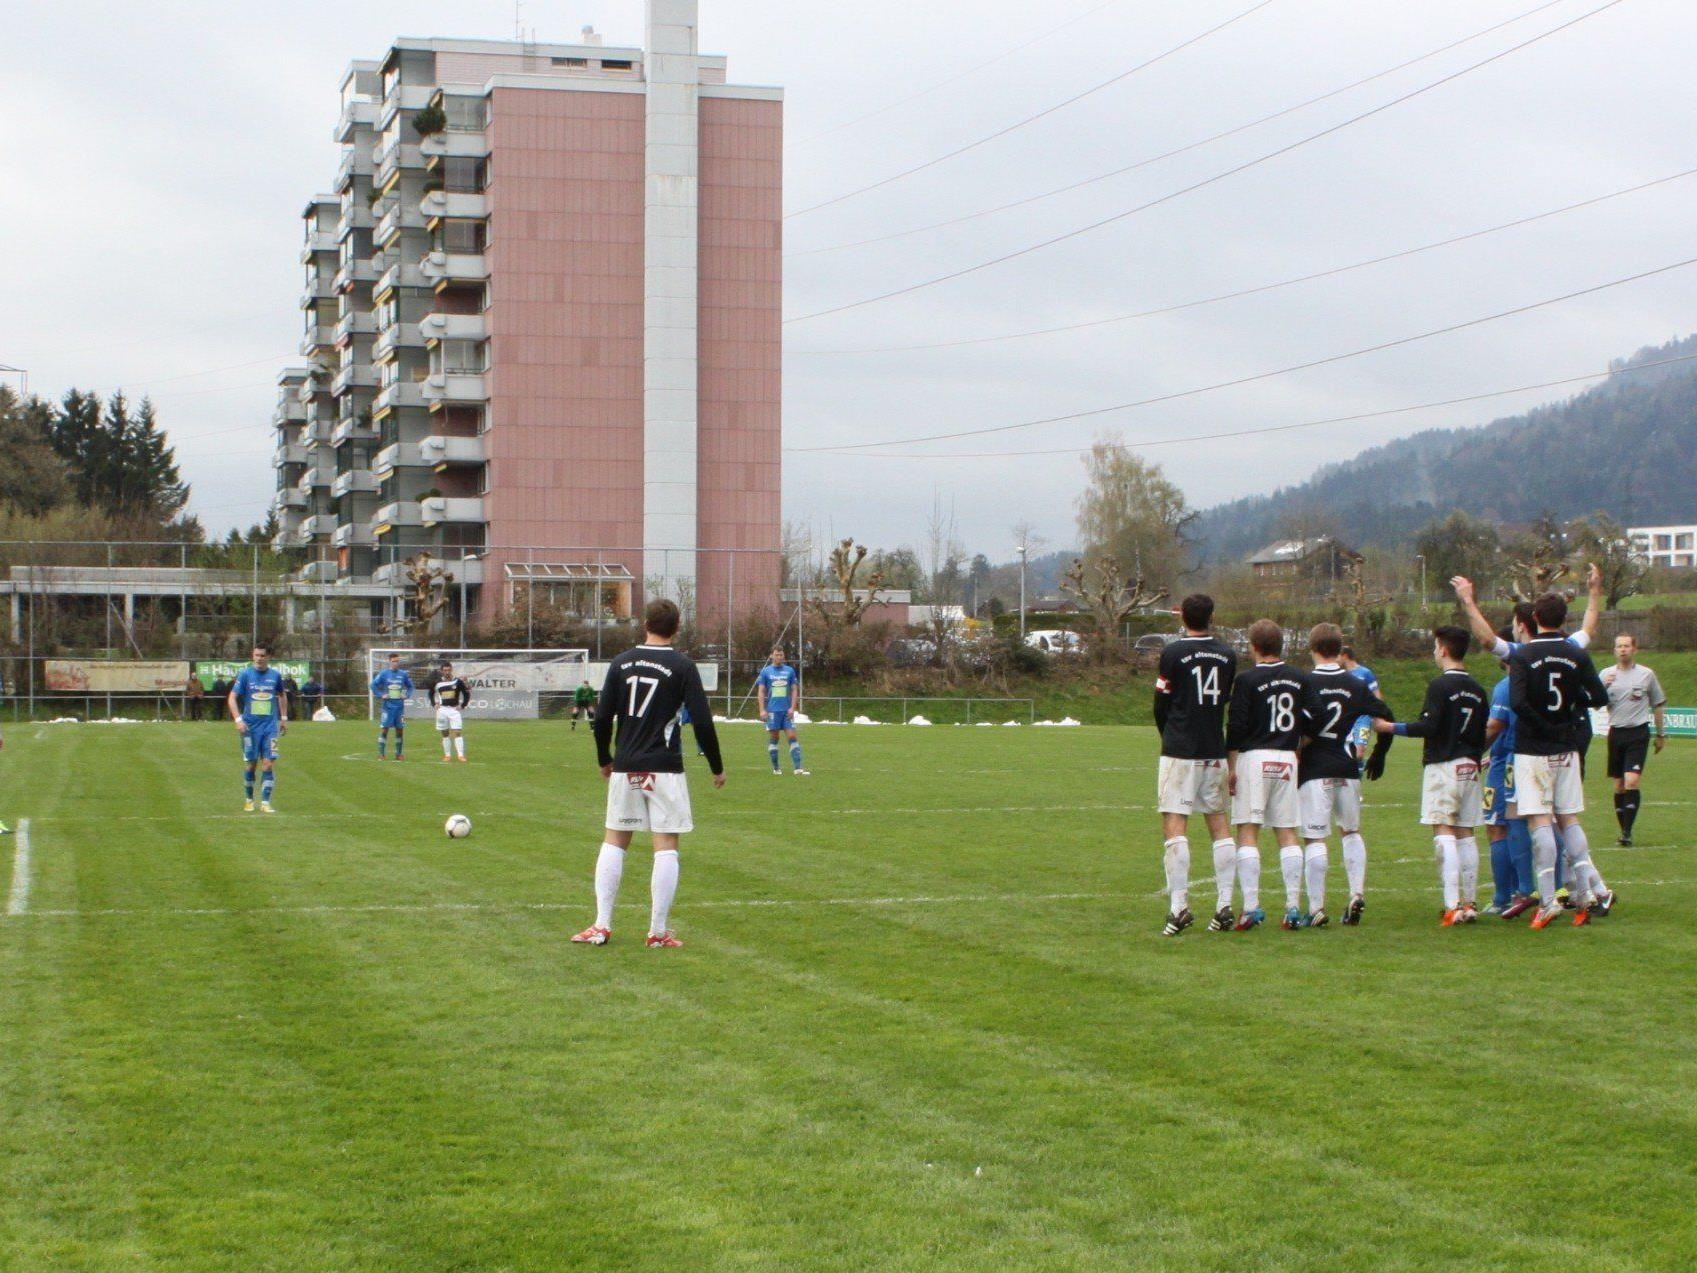 Tolles Freistoßtor von Chinchilla Vega Pablo Antonio zum 1:0 für den SV Typico Lochau.